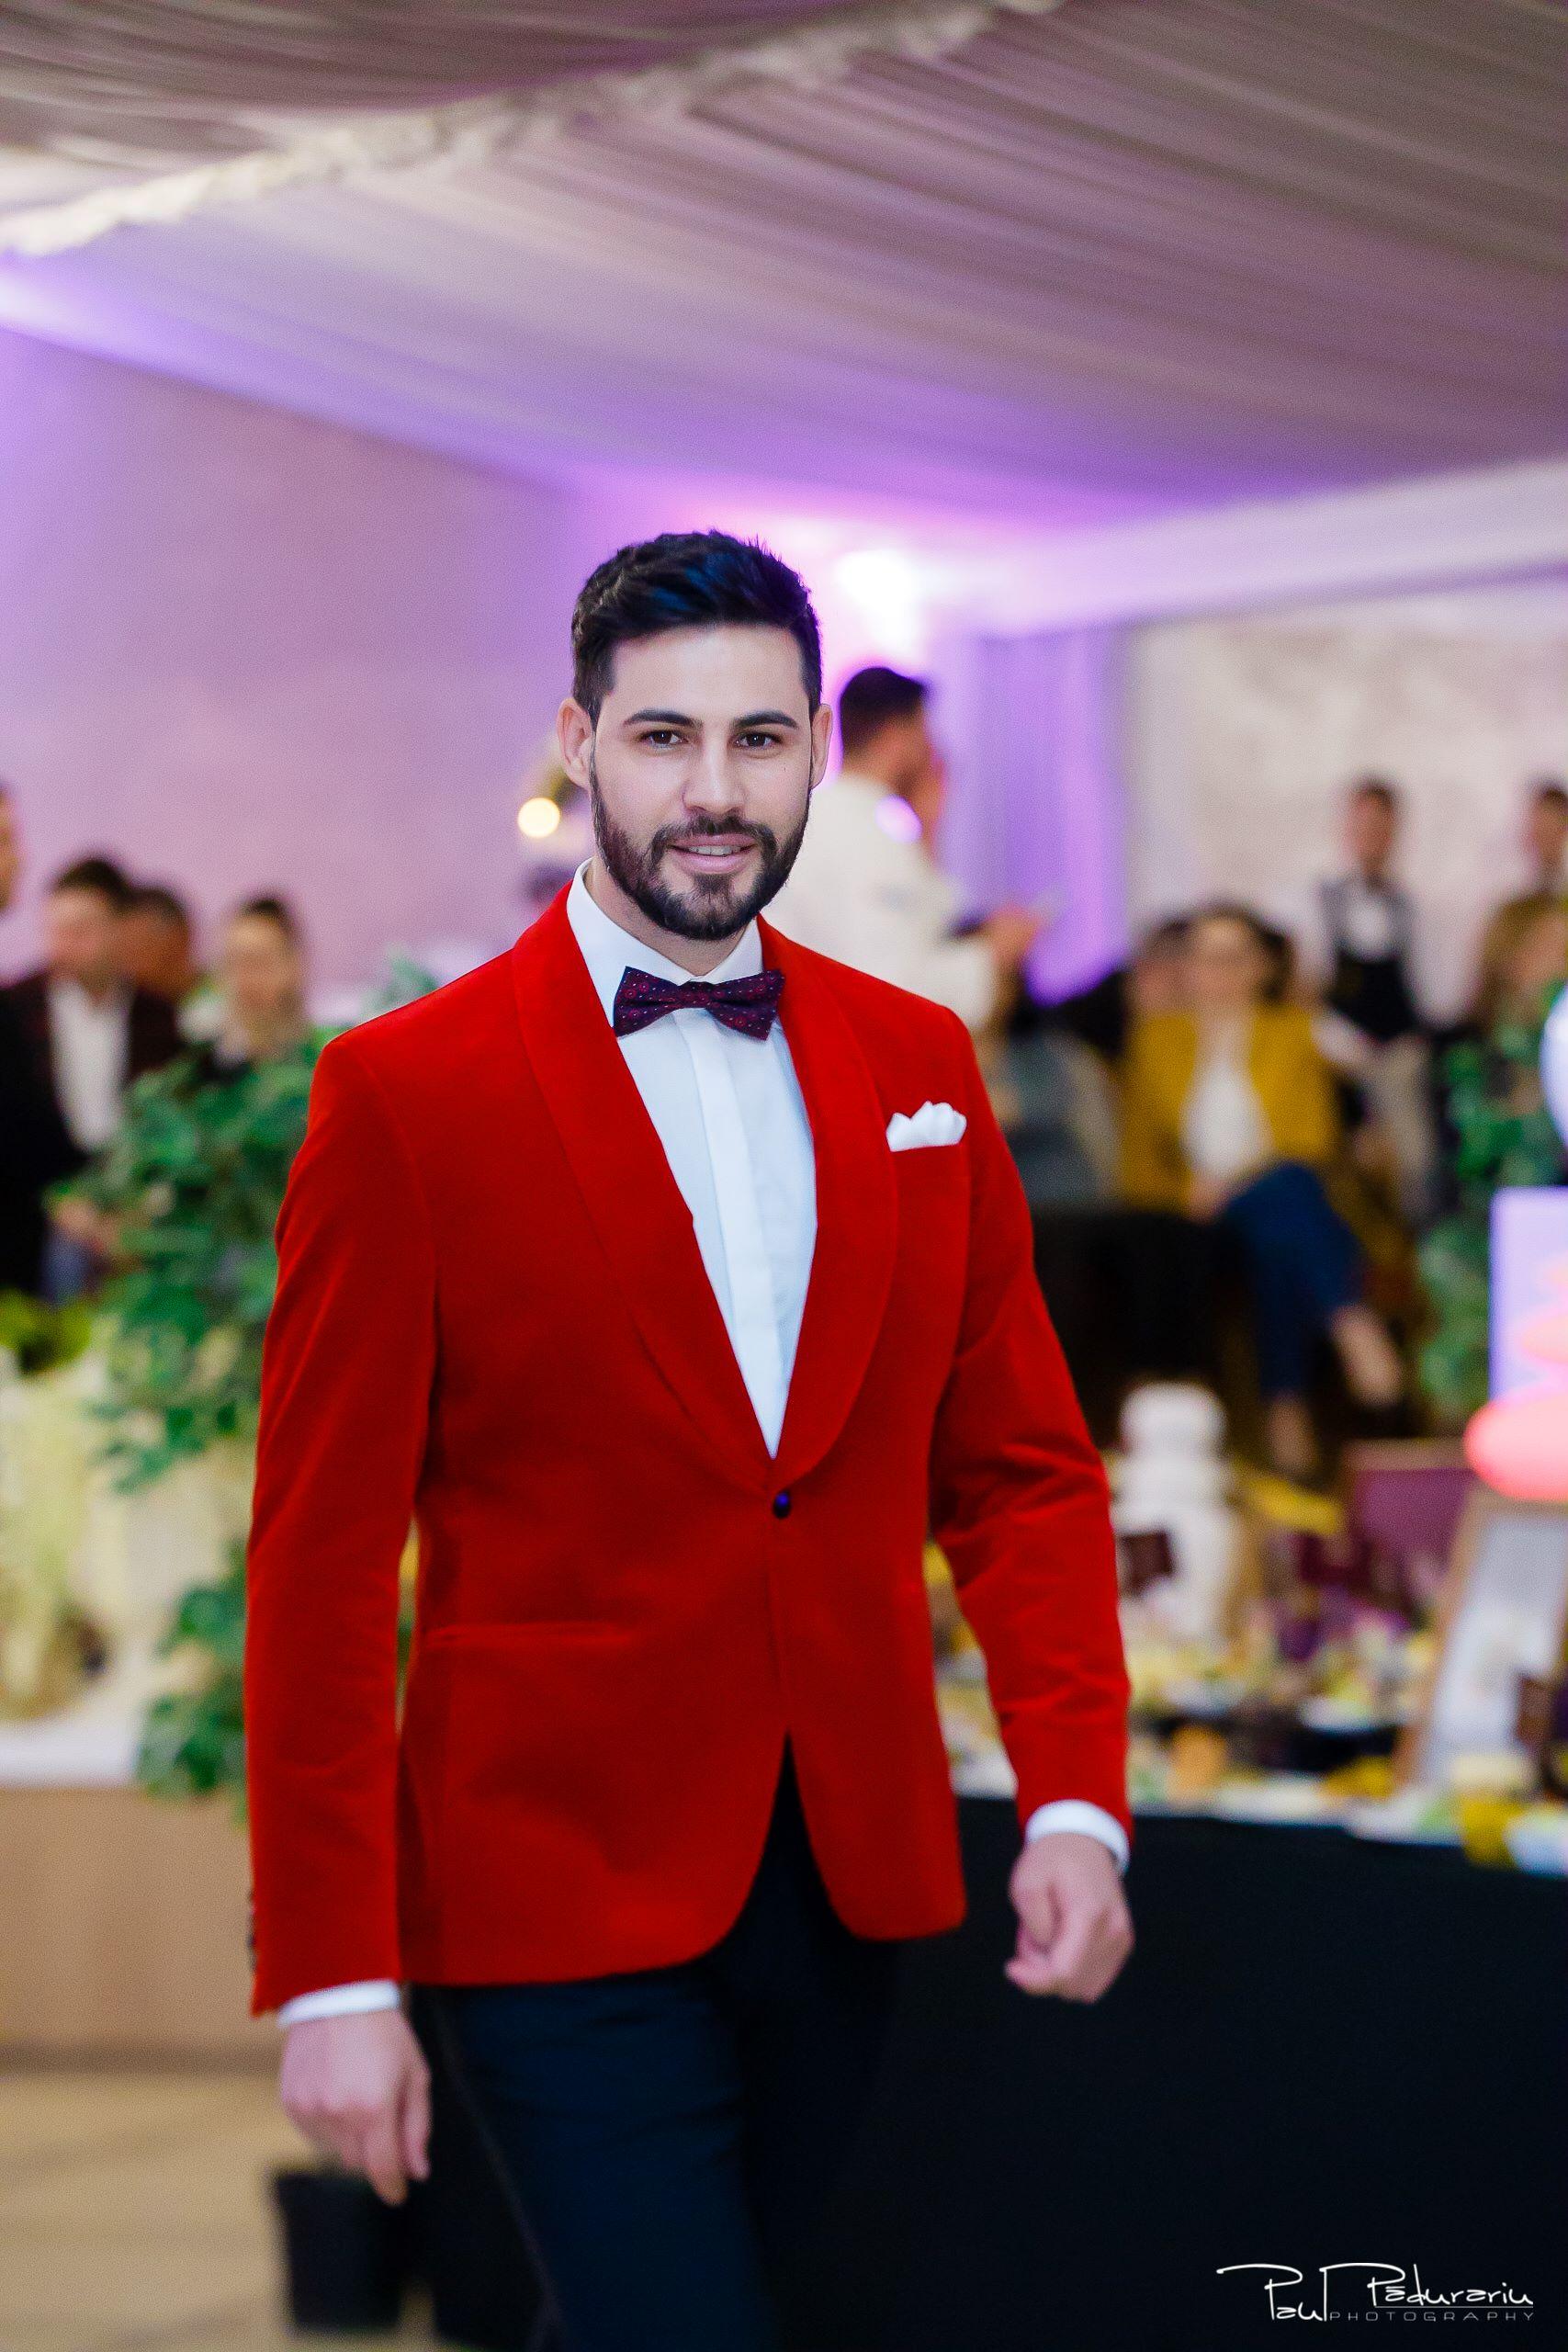 Seroussi | Producător și distribuitor de costume bărbătești colectia 2019 - costum mire - paul padurariu fotograf nunta iasi www.paulpadurariu.ro 11